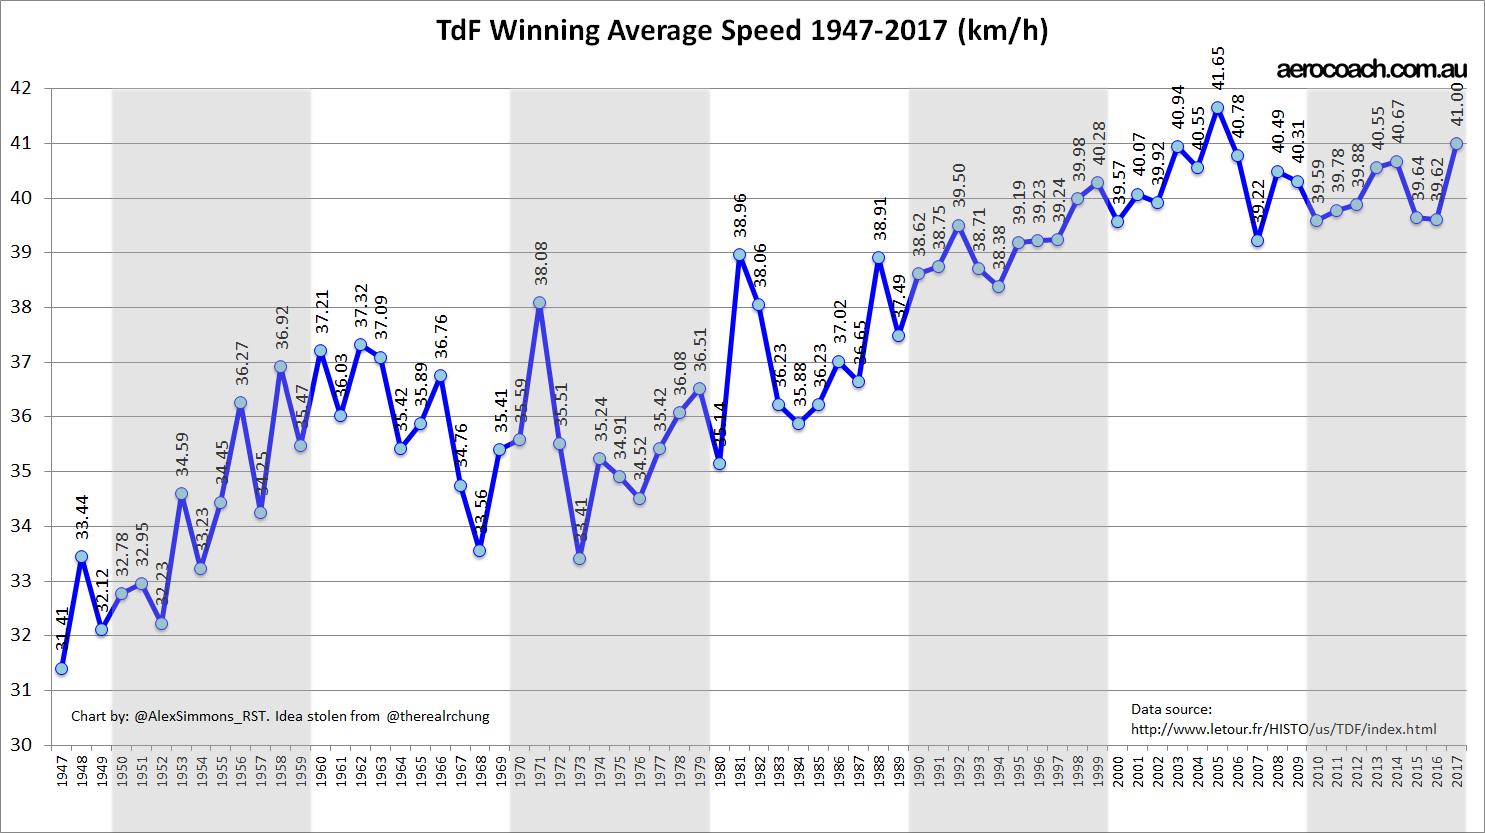 TdF speed trend chart 2017 (1).jpg